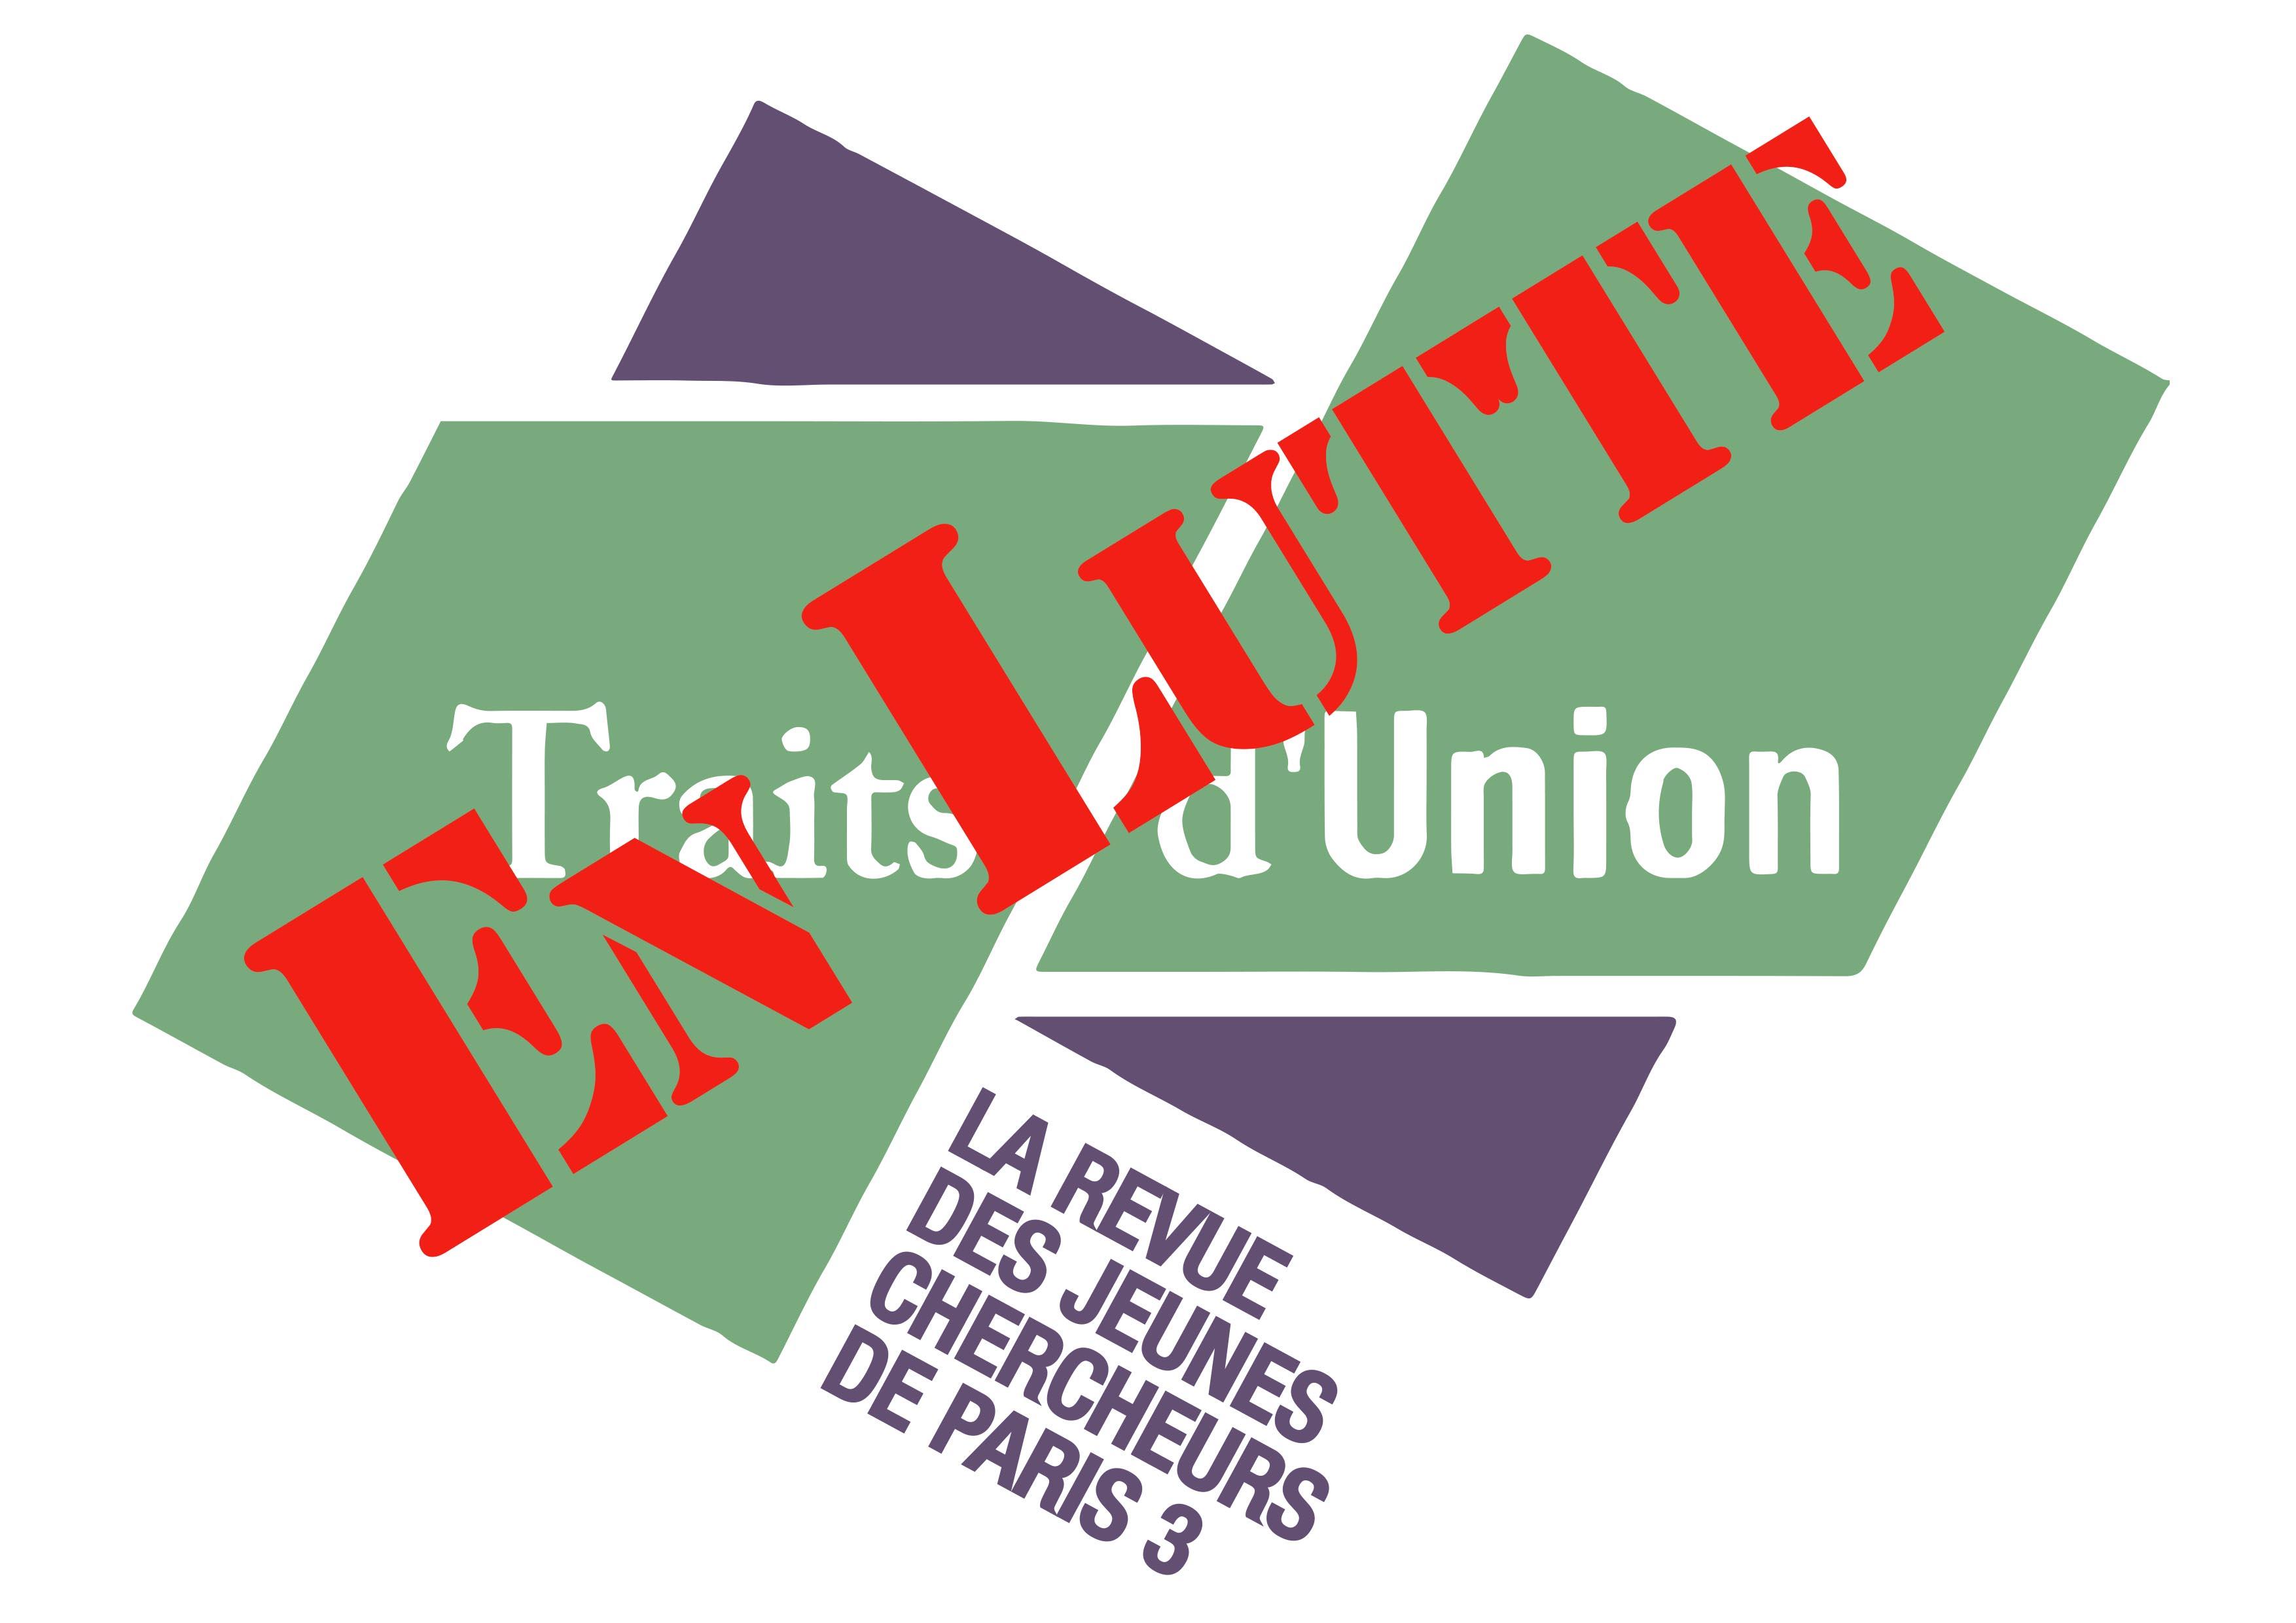 La Revue Traits-d'Union rejoint la lutte contre la réforme des retraites et le projet de loi LPPR